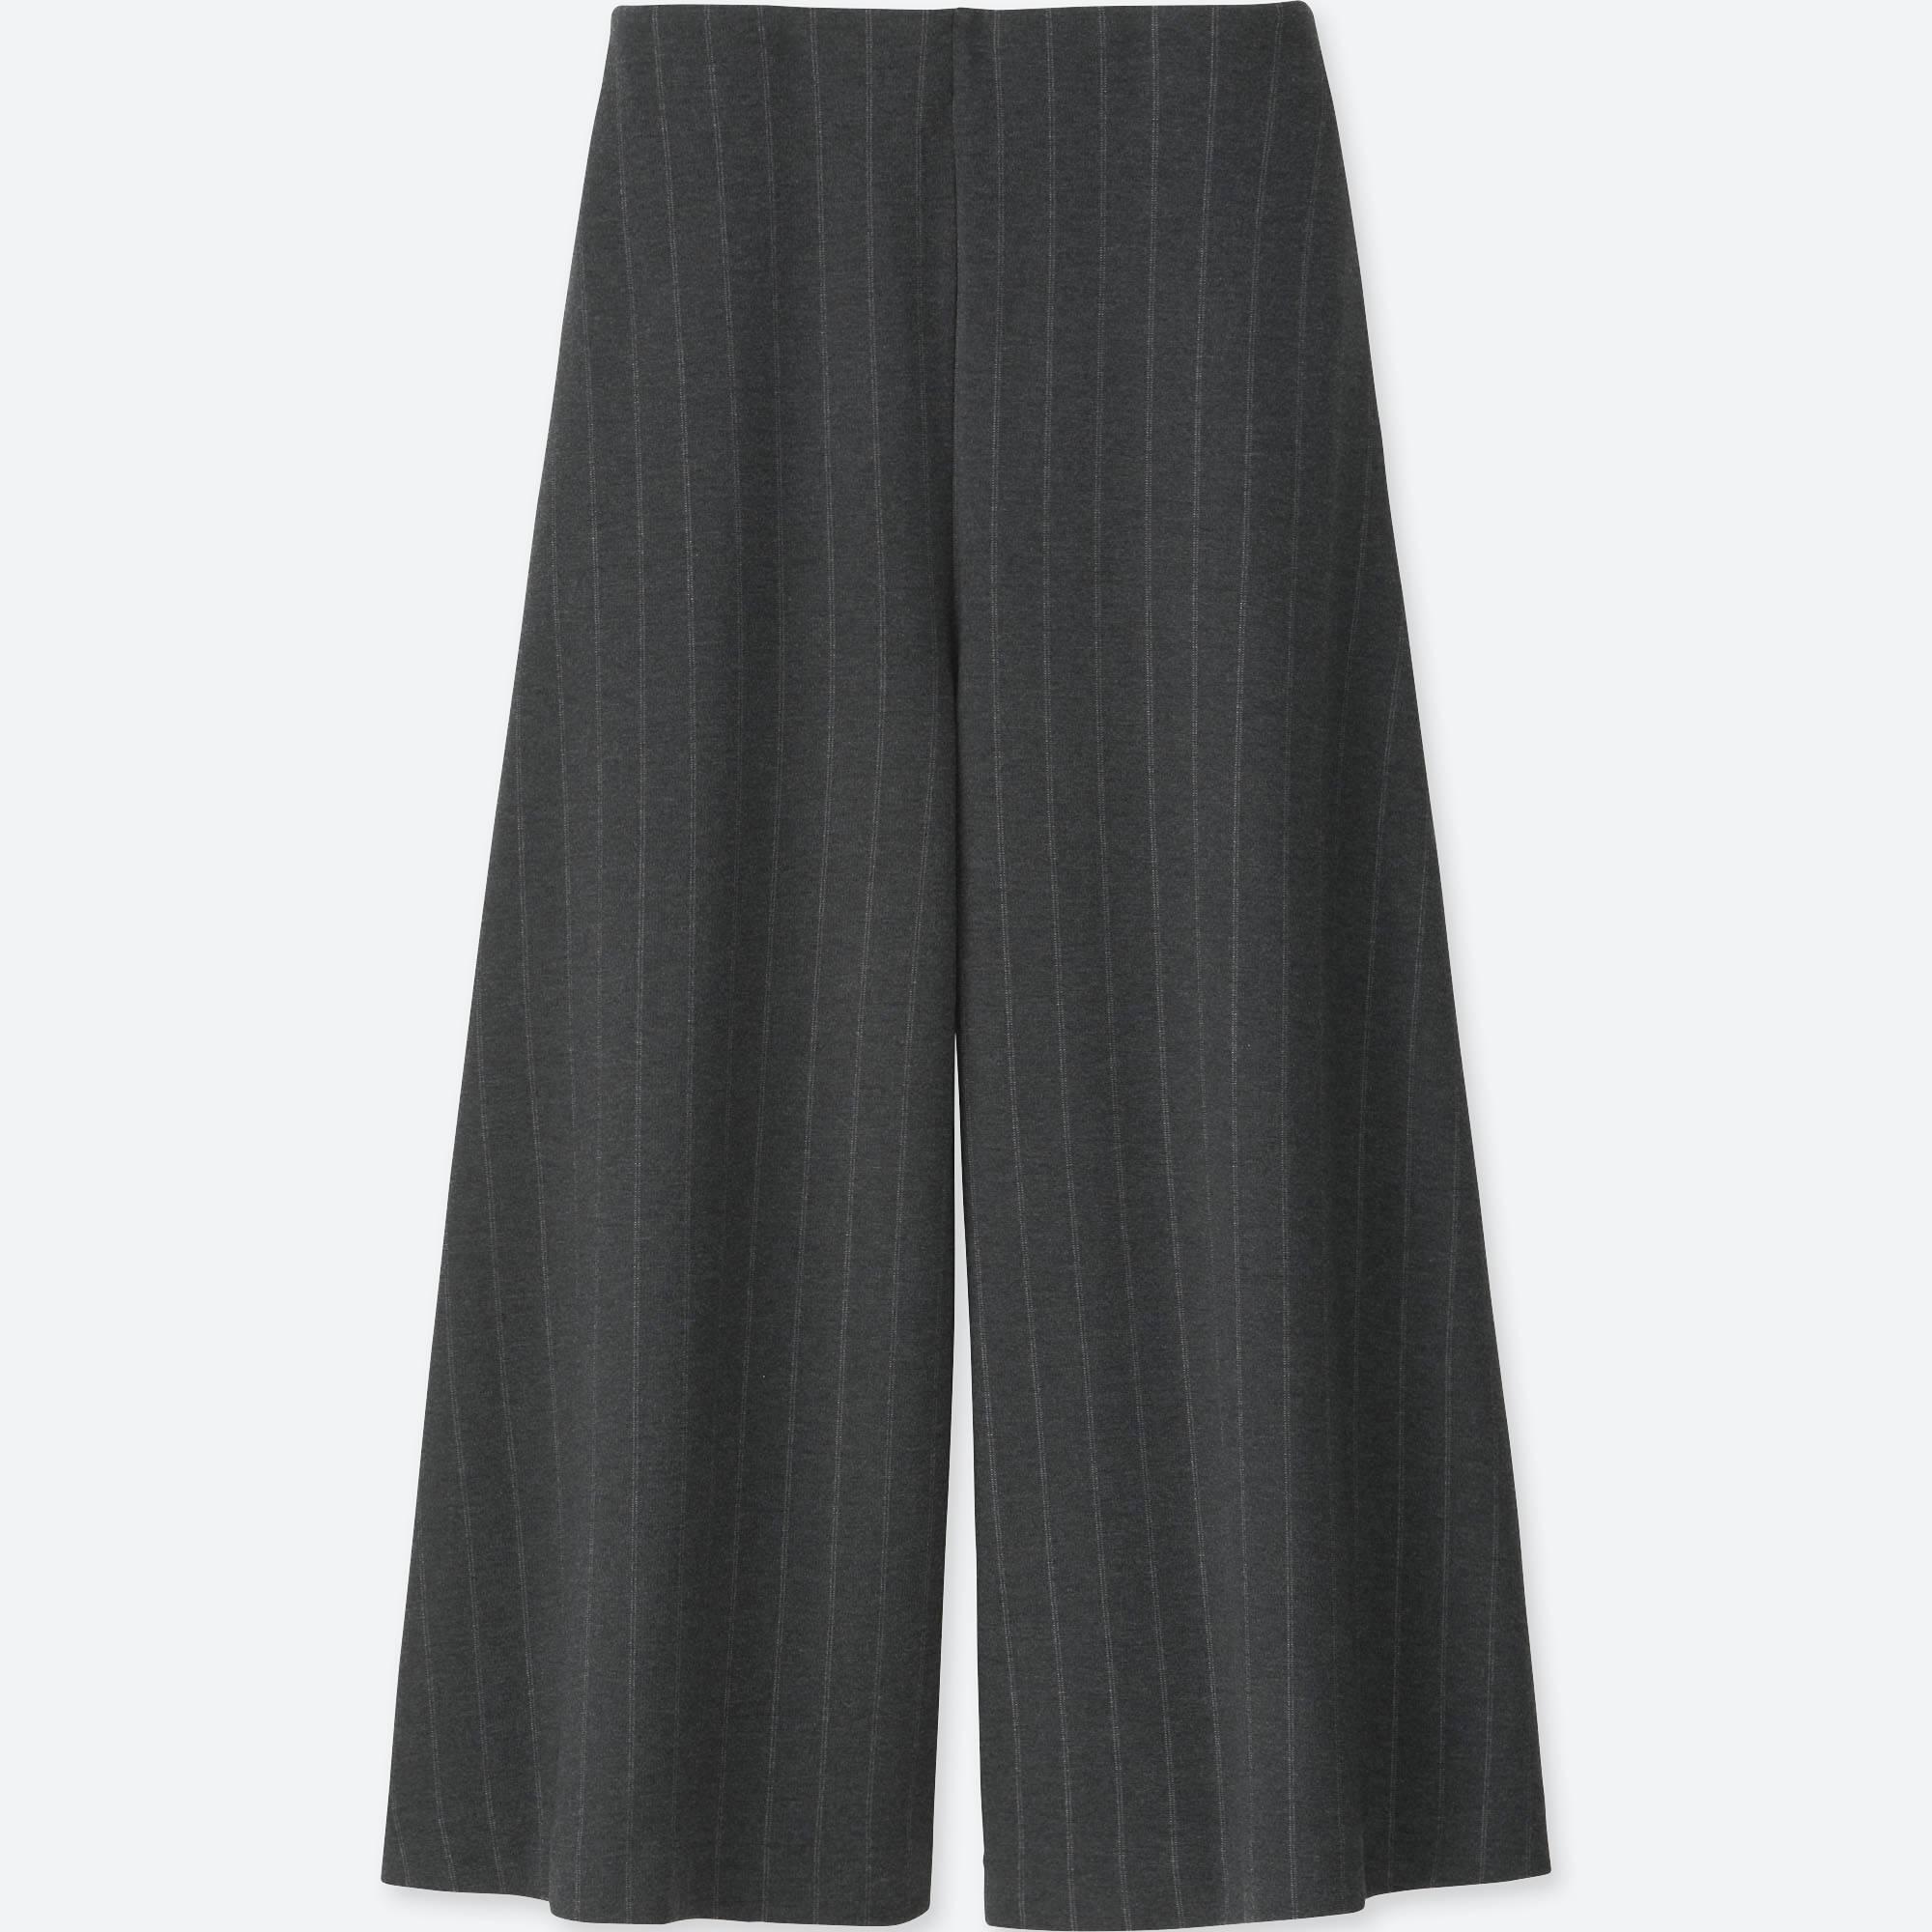 ユニクロ/ パンツ women ponte flare cropped pants